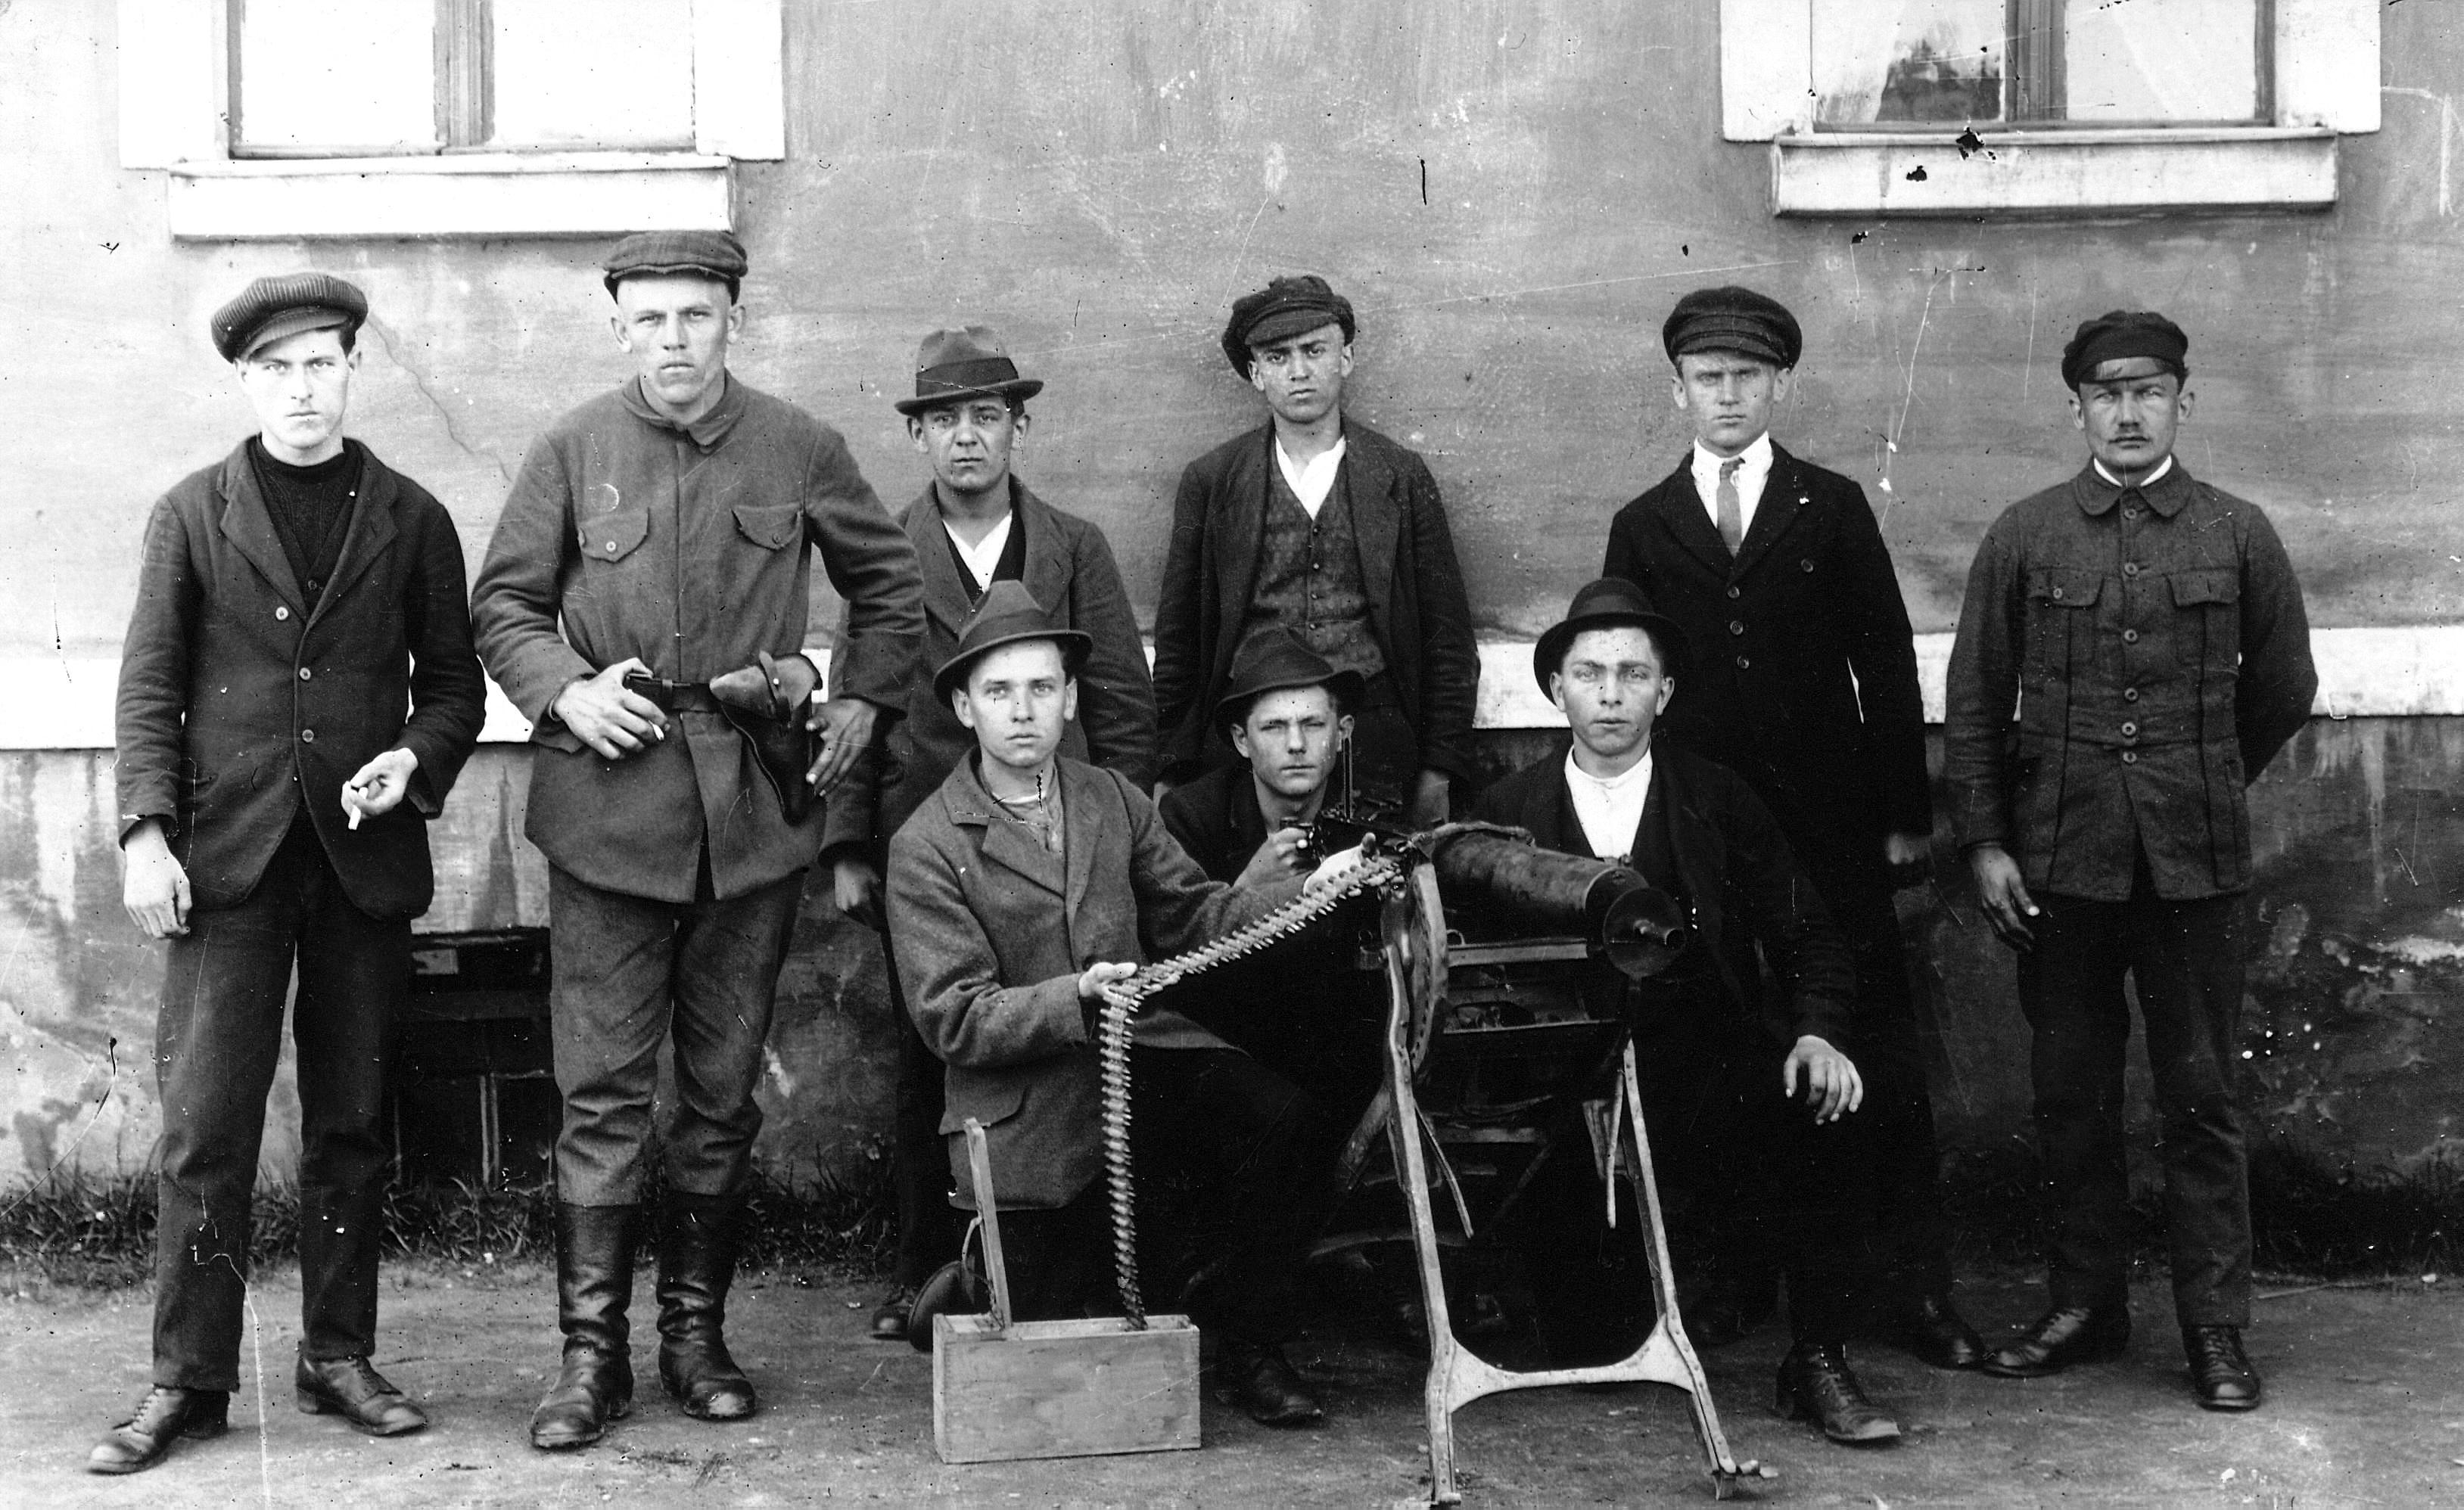 grupa mężczyzn, zdjęcie sprzed stu lat